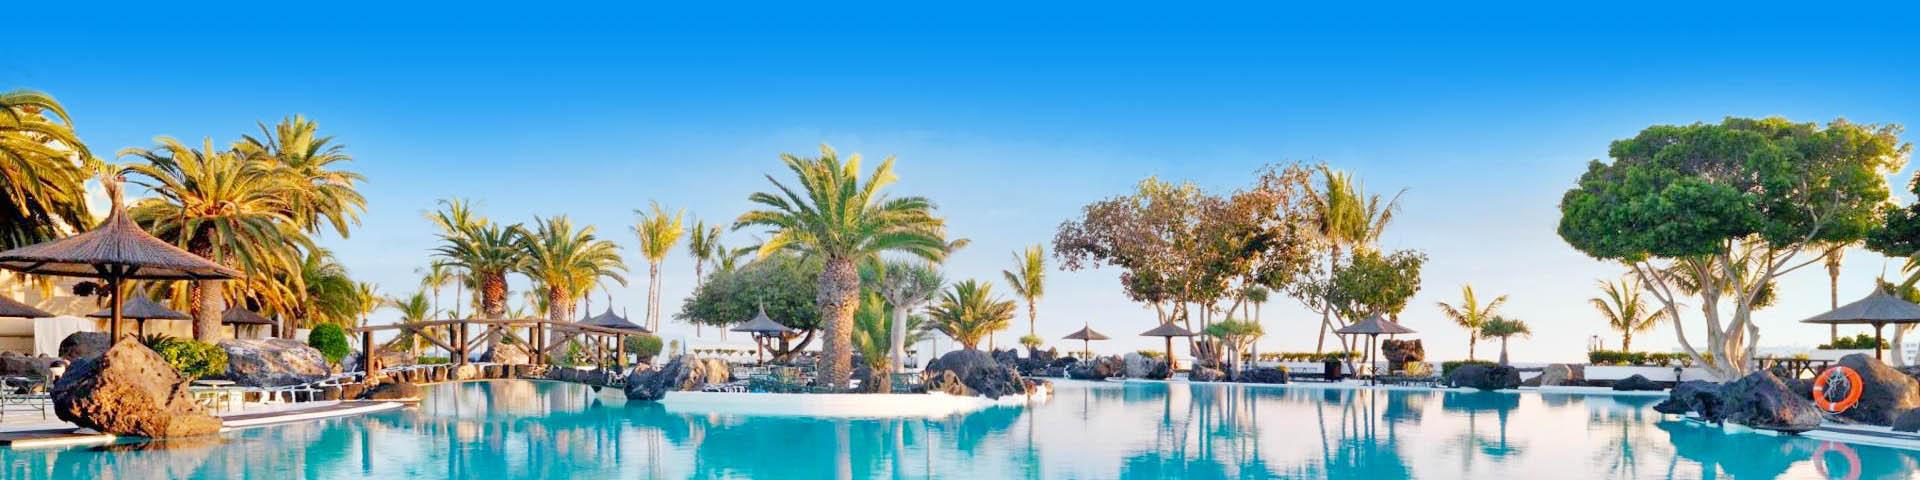 Zwembad bij een hotel op de Canarische Eilanden in de meivakantie